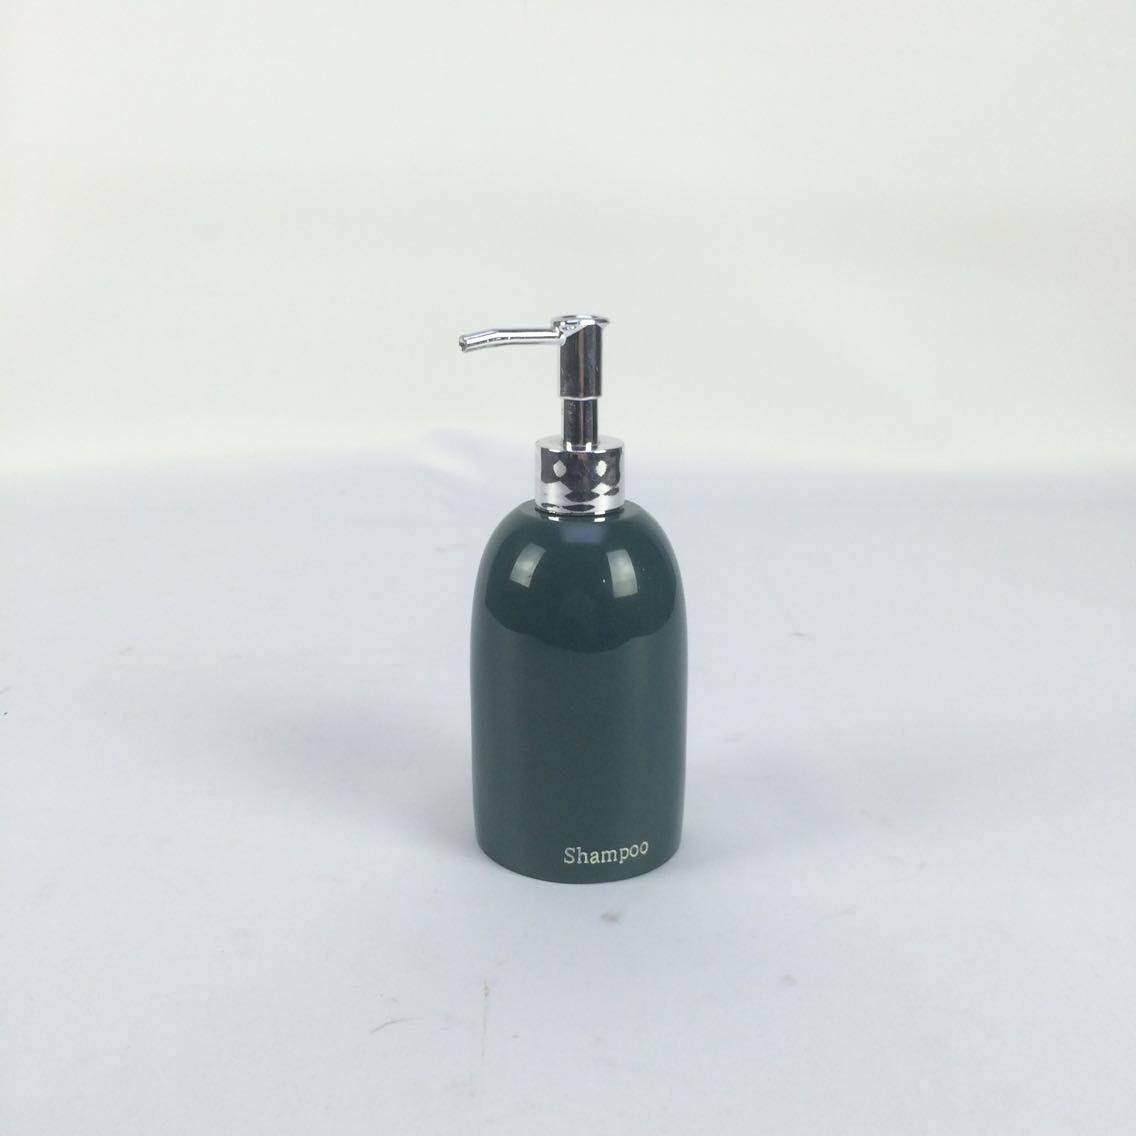 供应树脂乳液瓶 树脂乳液瓶厂家 树脂乳液瓶批发 树脂乳液瓶价格 树脂乳液瓶哪家好